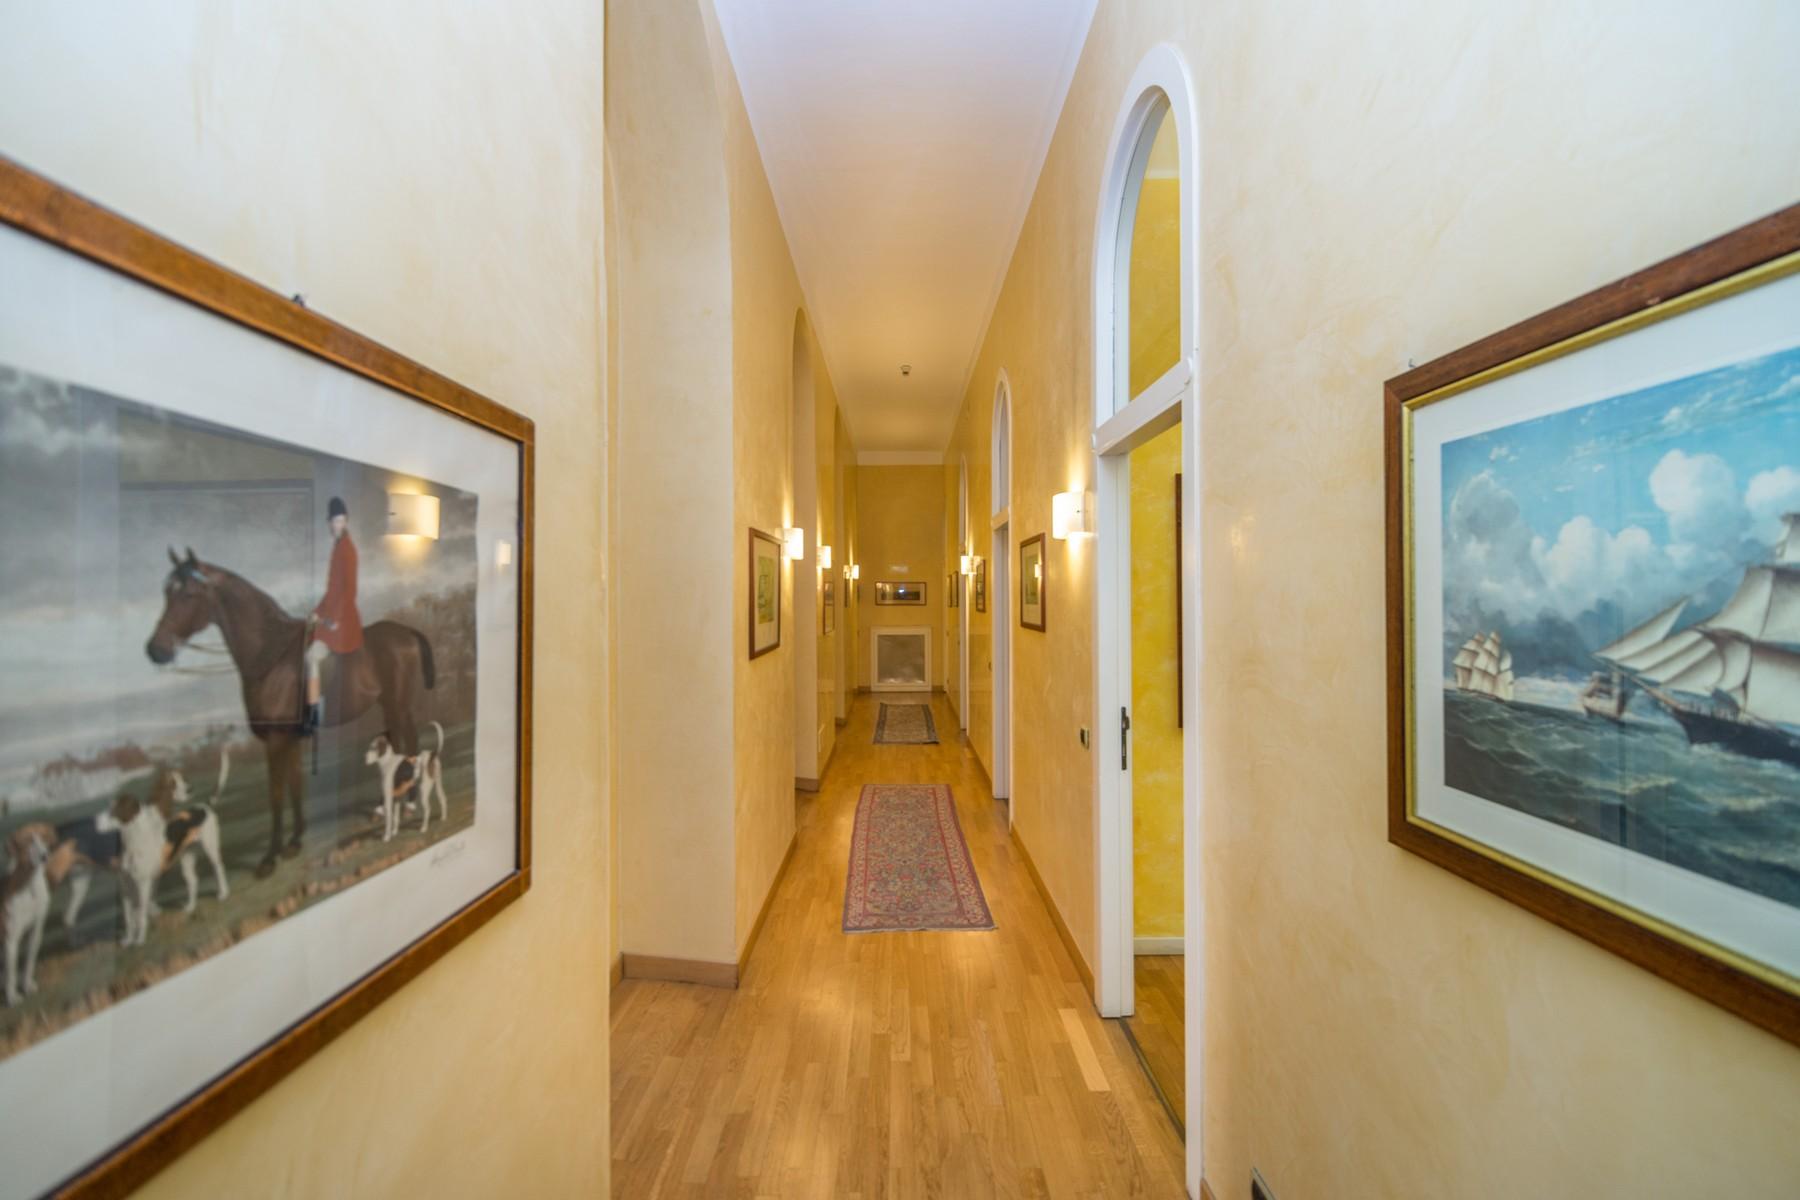 Ufficio-studio in Vendita a Milano: 0 locali, 600 mq - Foto 2